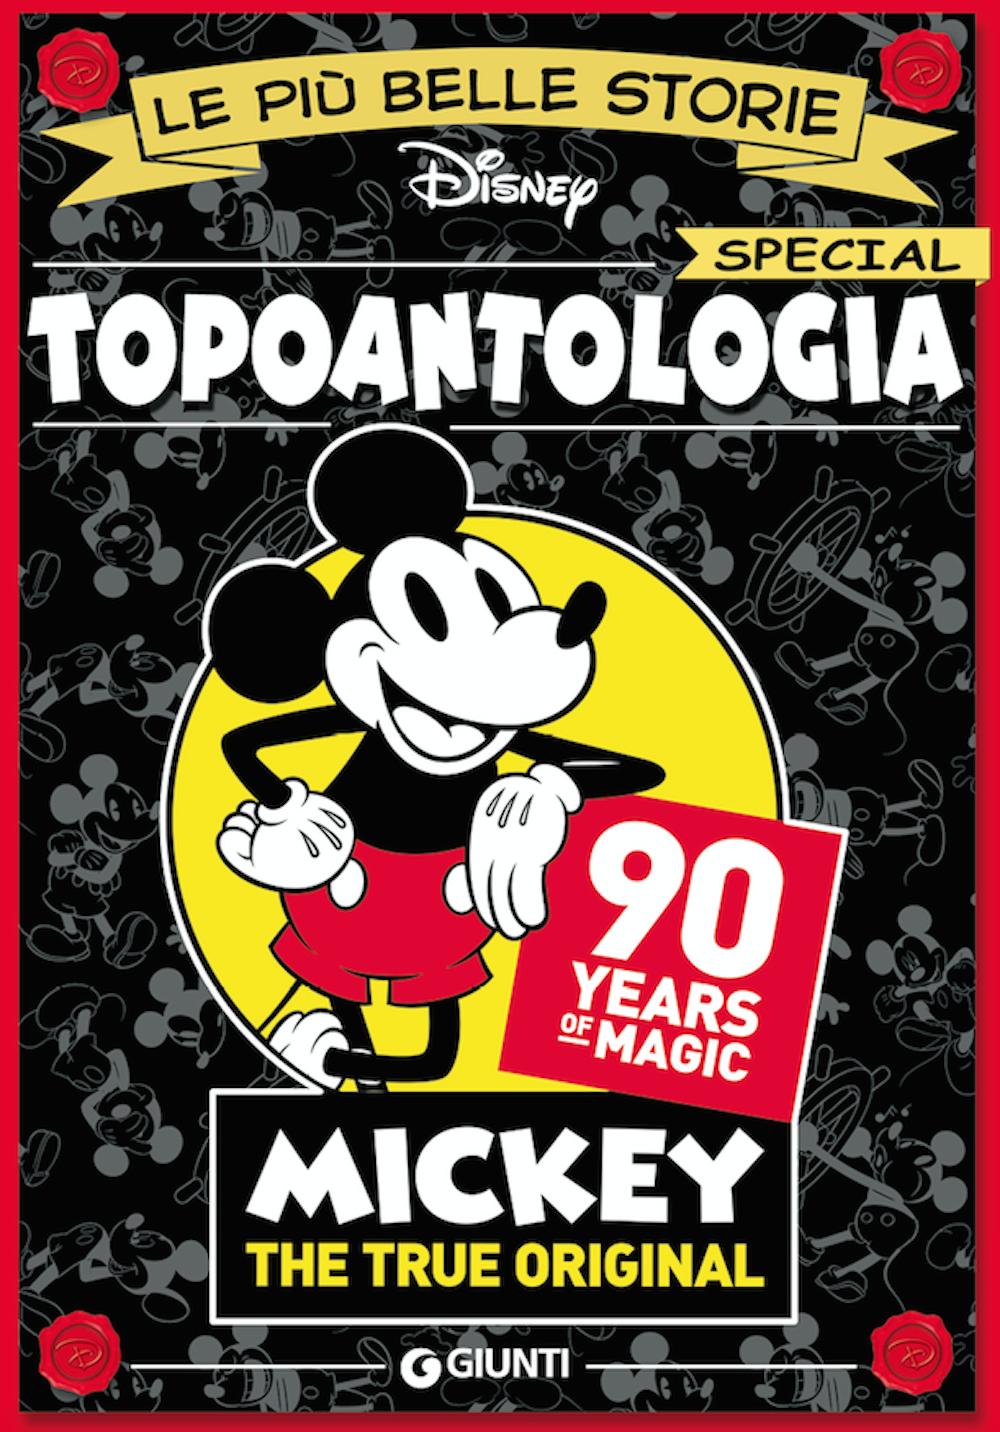 Le più belle storie Special - Topoantologia